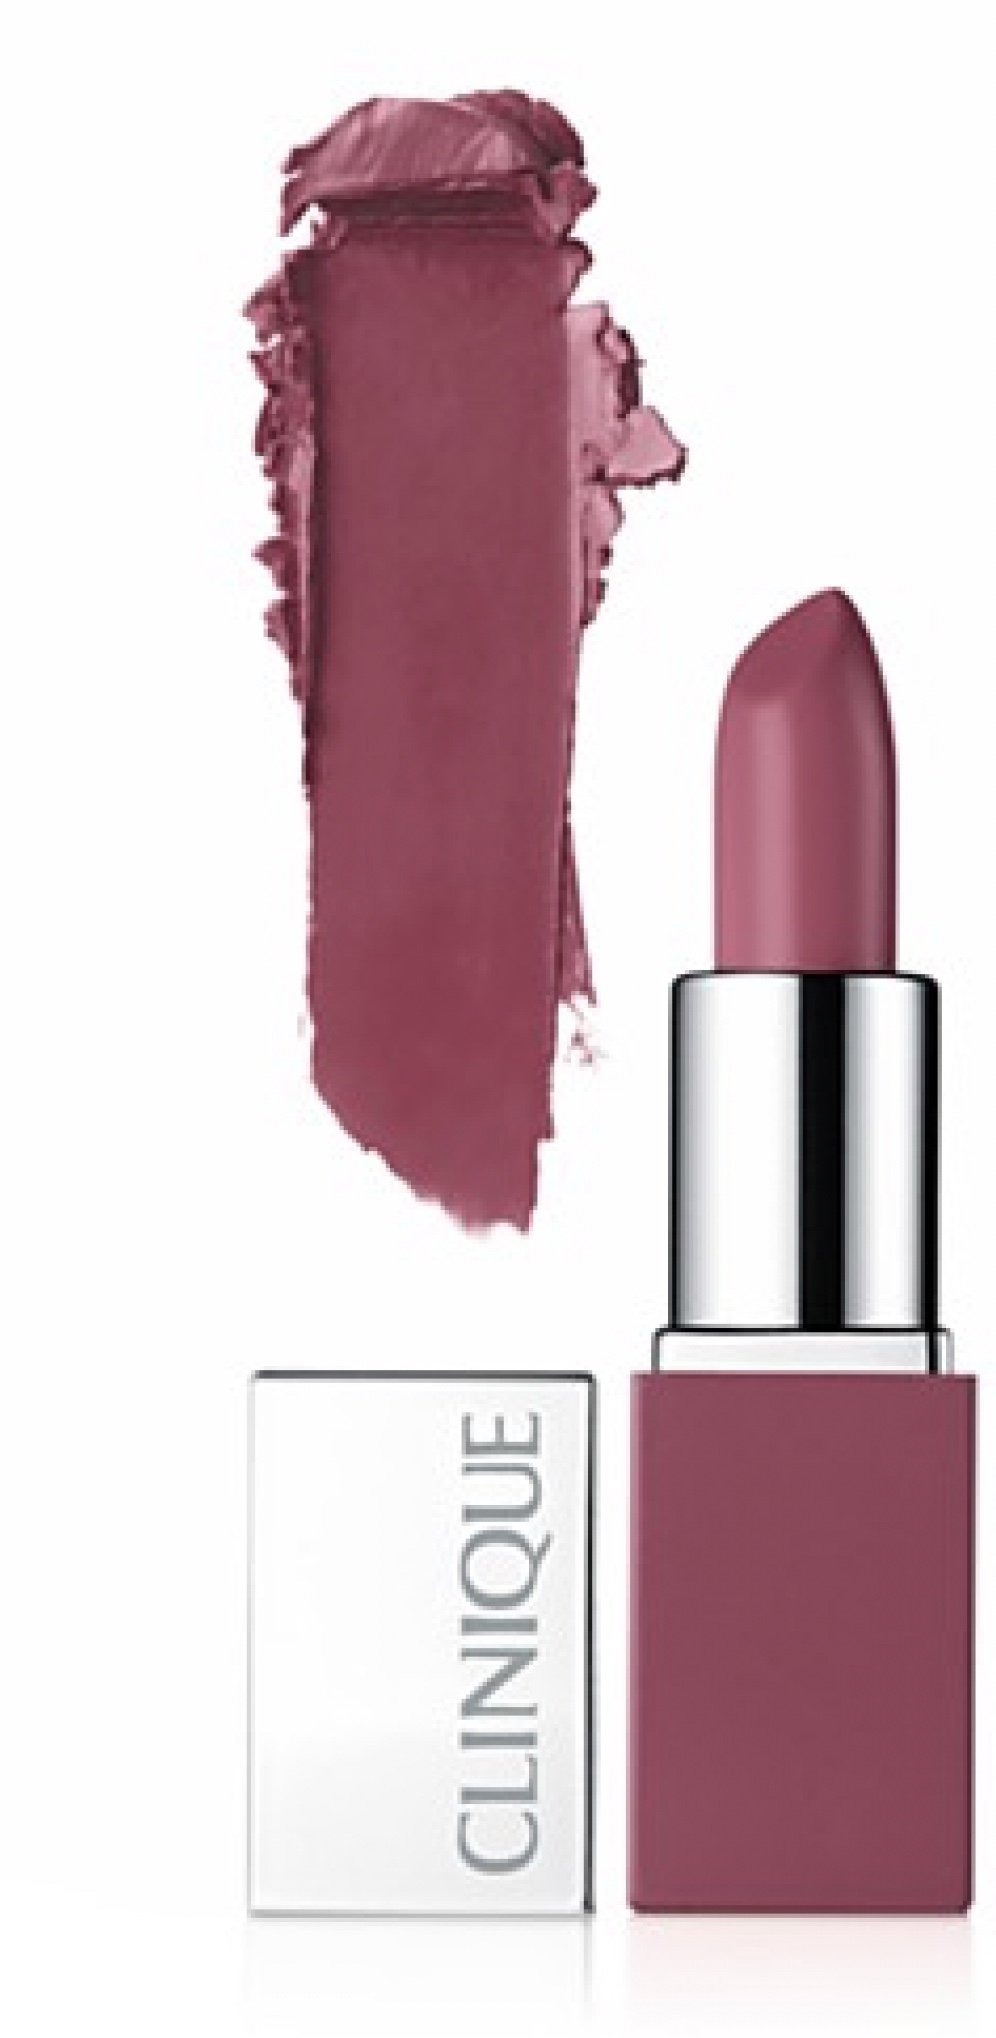 Clinique Pop Lip Colour + Primer. #14 Plum Pop, Deluxe Travel Size, .08 oz by Clinique